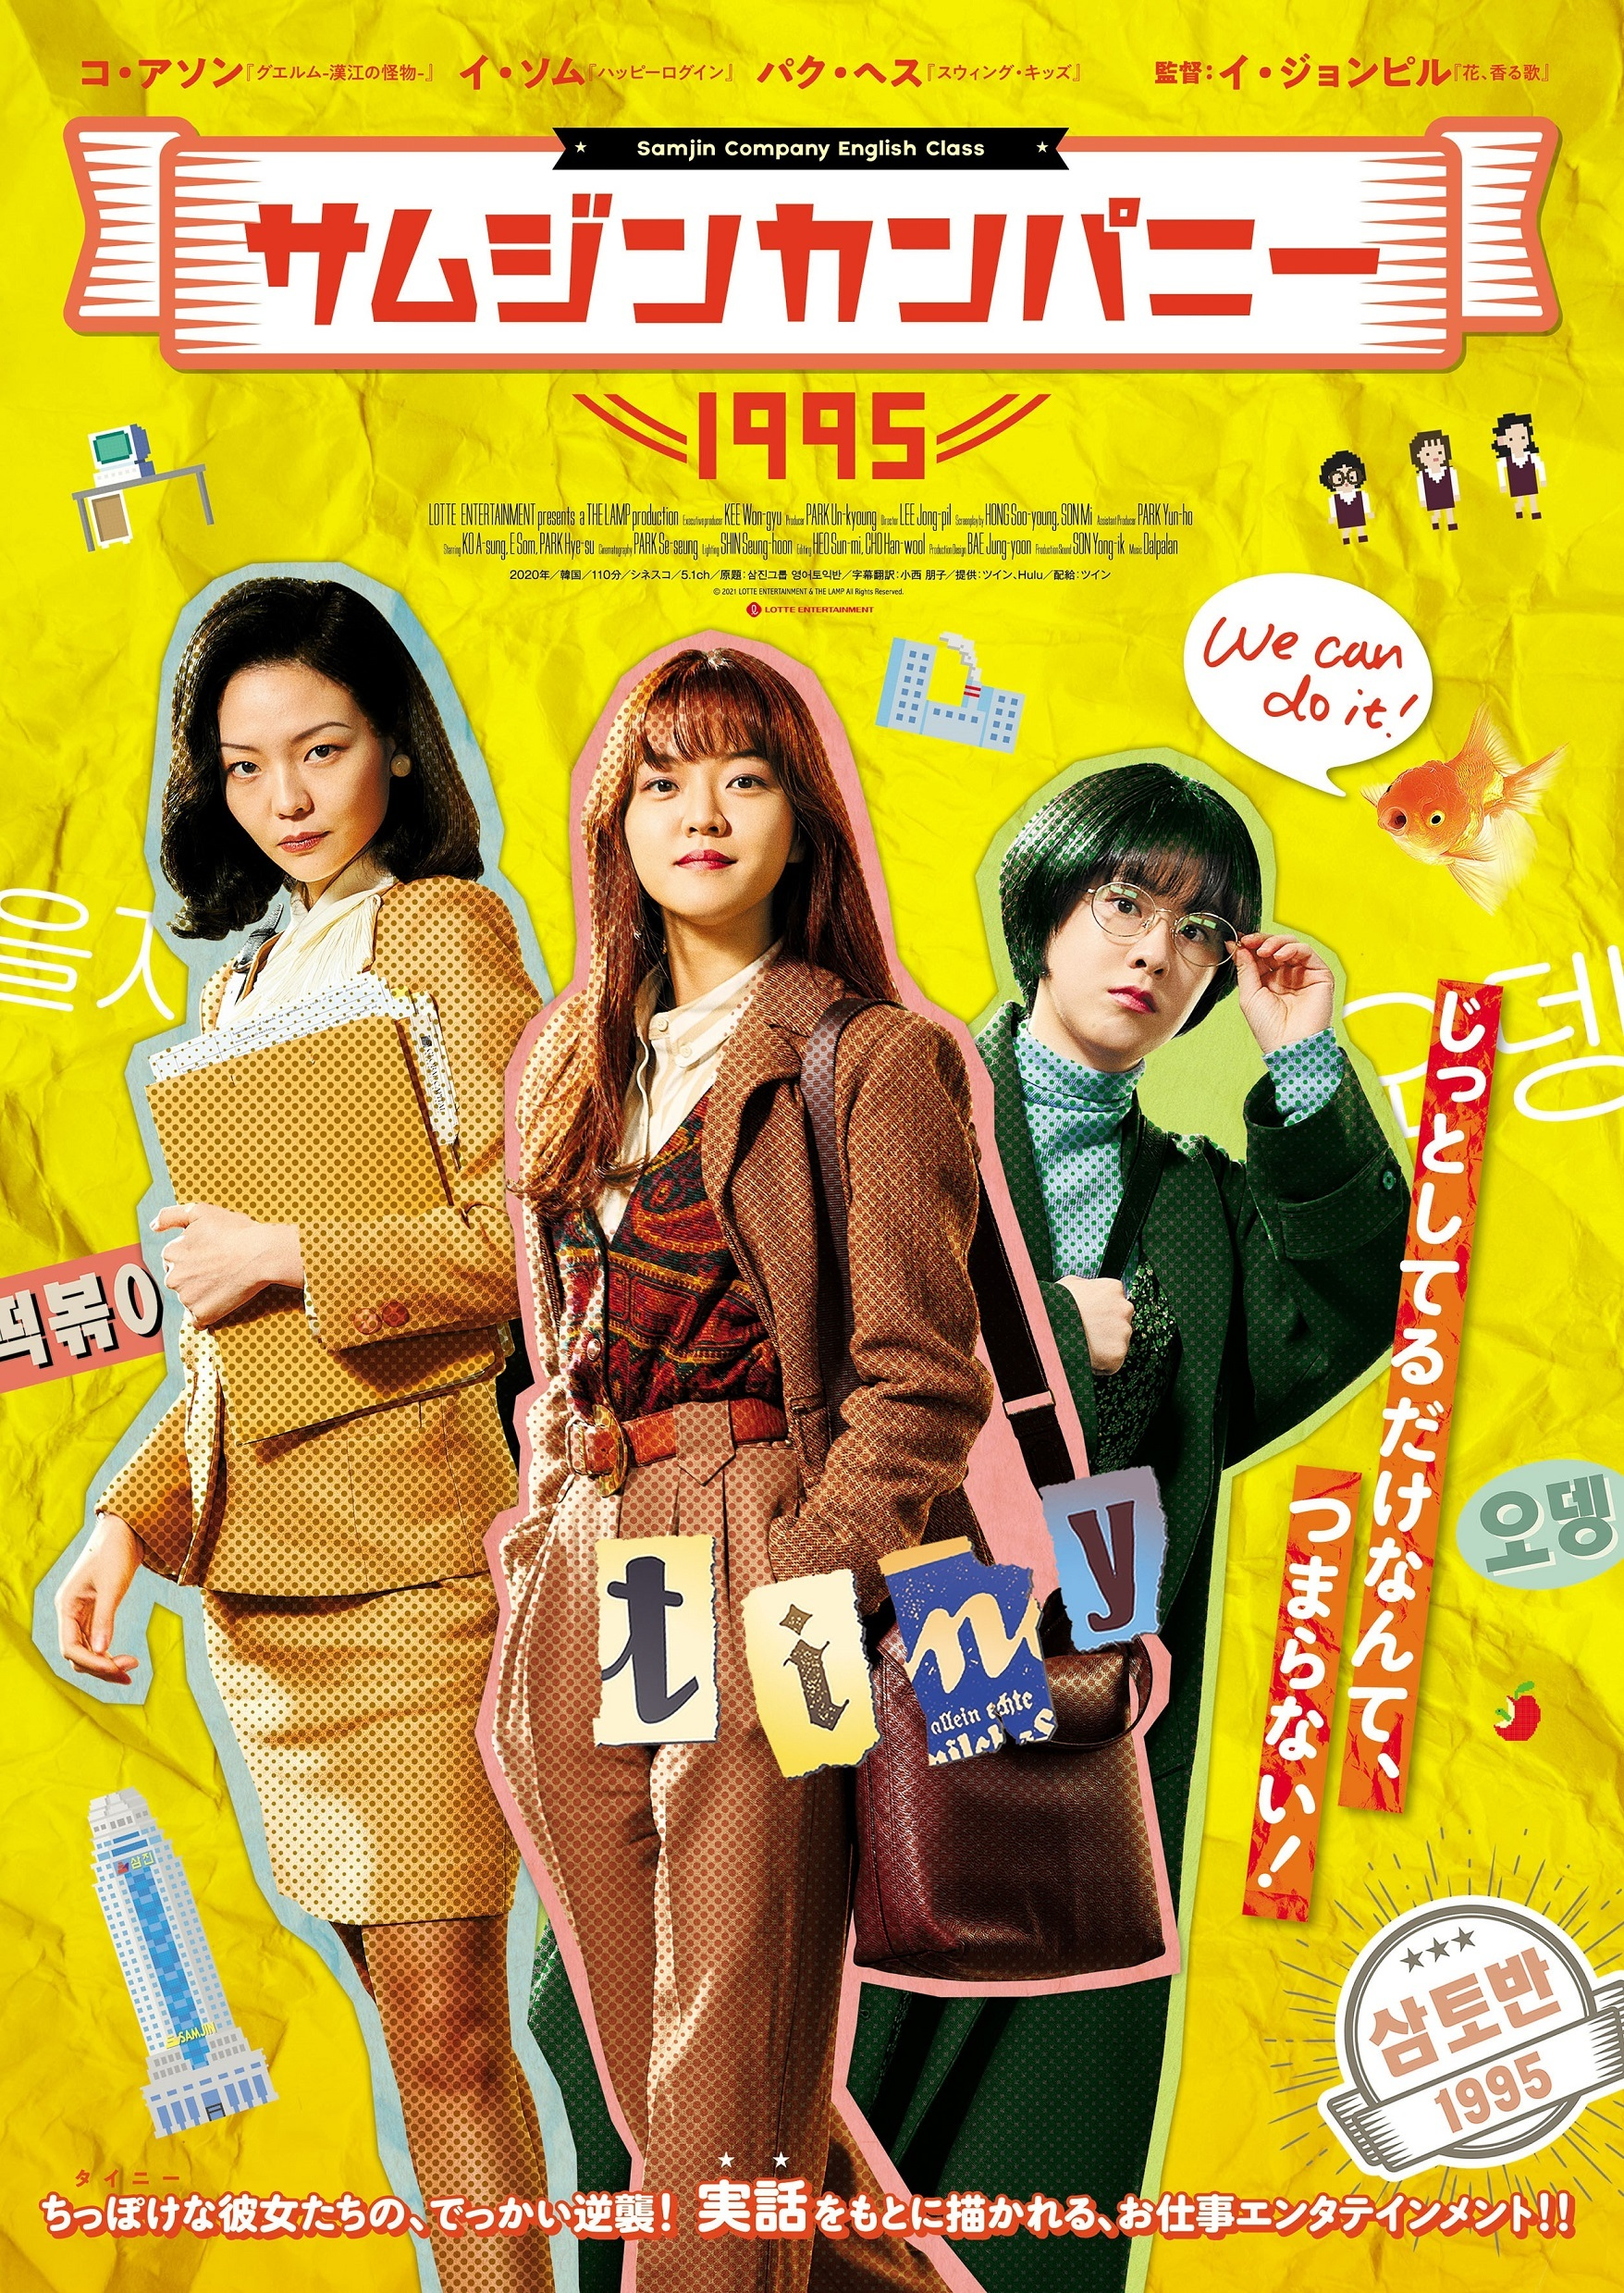 映画『サムジンカンパニー1995』 (C)2020 LOTTE ENTERTAINMENT & THE LAMP All Rights Reserved.